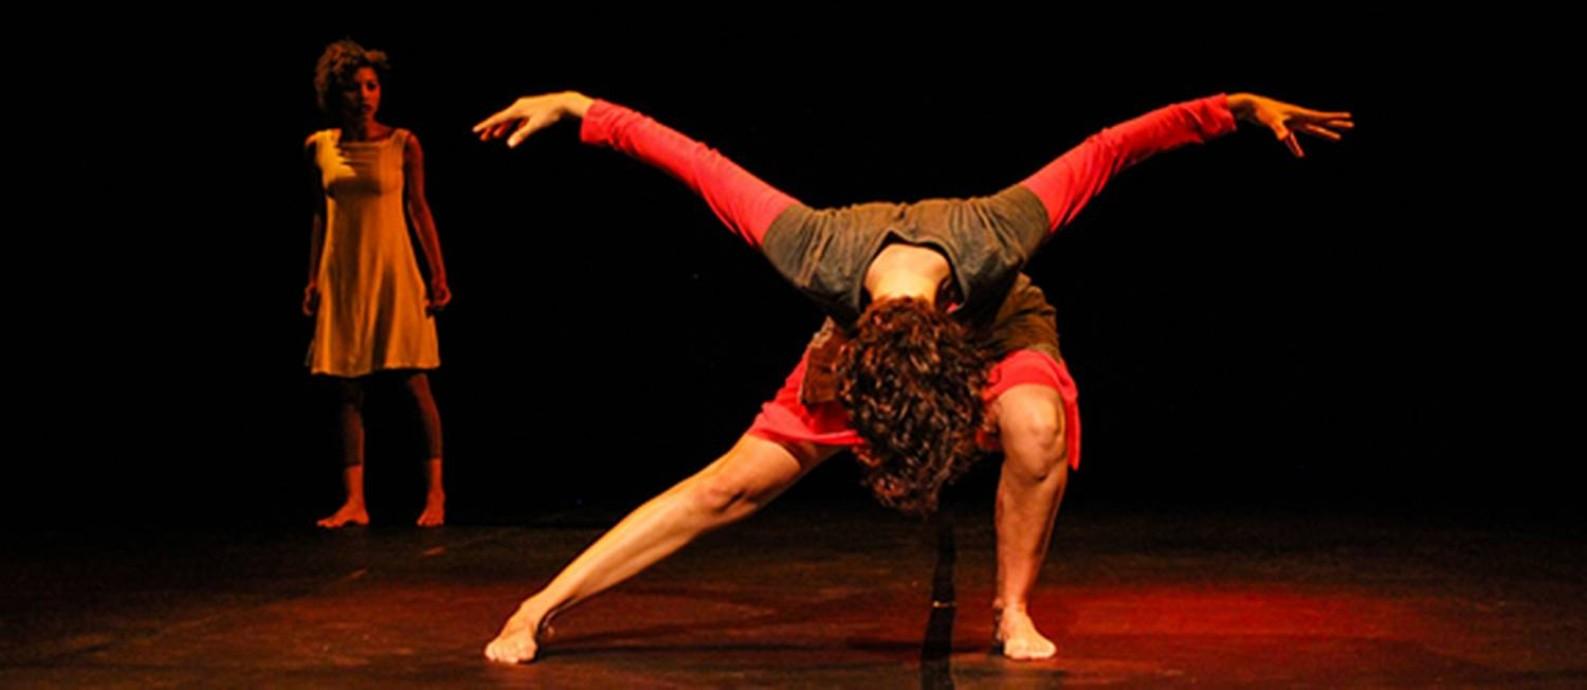 Cia de Dança da UFRJ | Cena de InCORPO Foto: Divulgação/Julius Mack